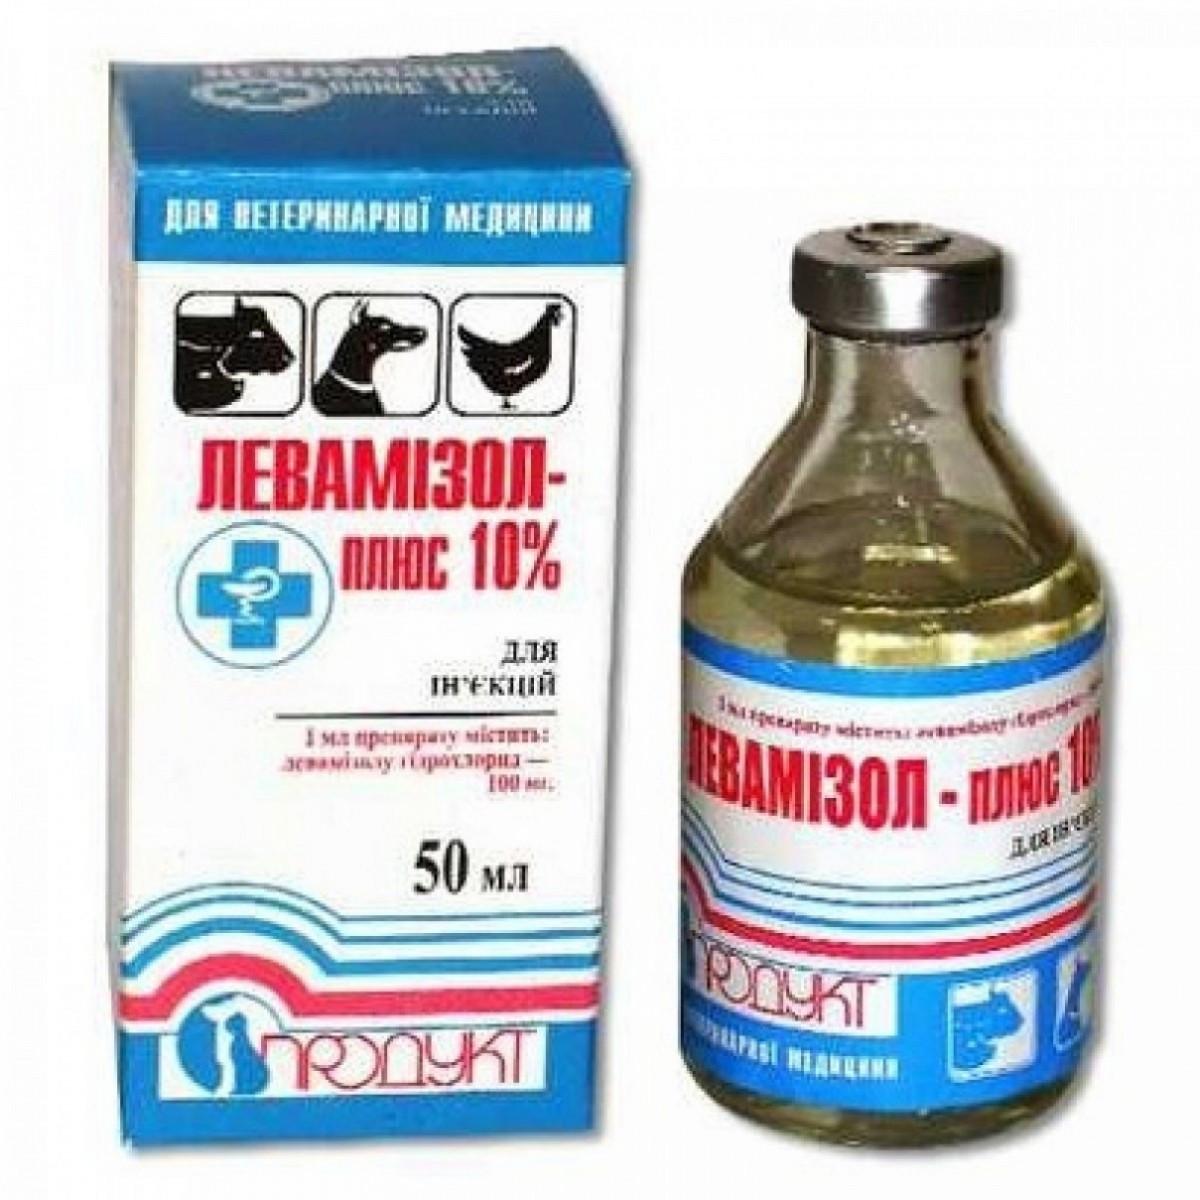 ЛЕВАМИЗОЛ - ПЛЮС 10% антигельминтный и иммуностимулирующий препарат . 50 мл